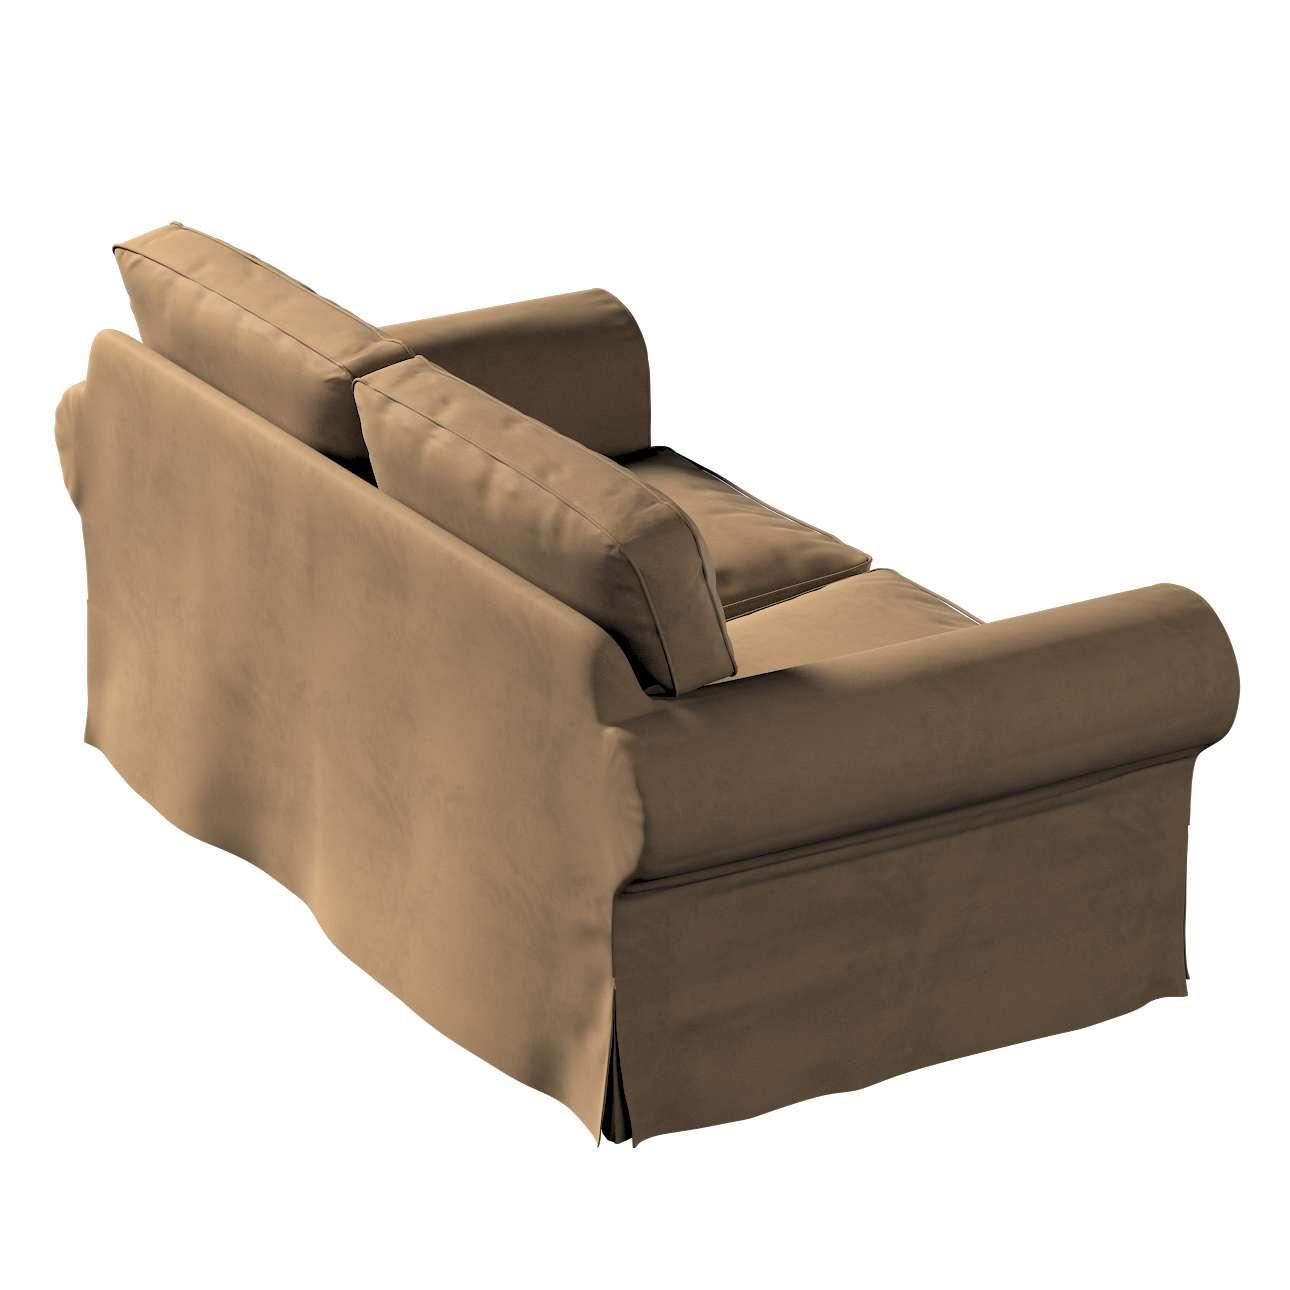 Pokrowiec na sofę Ektorp 2-osobową, nierozkładaną w kolekcji Living II, tkanina: 160-94